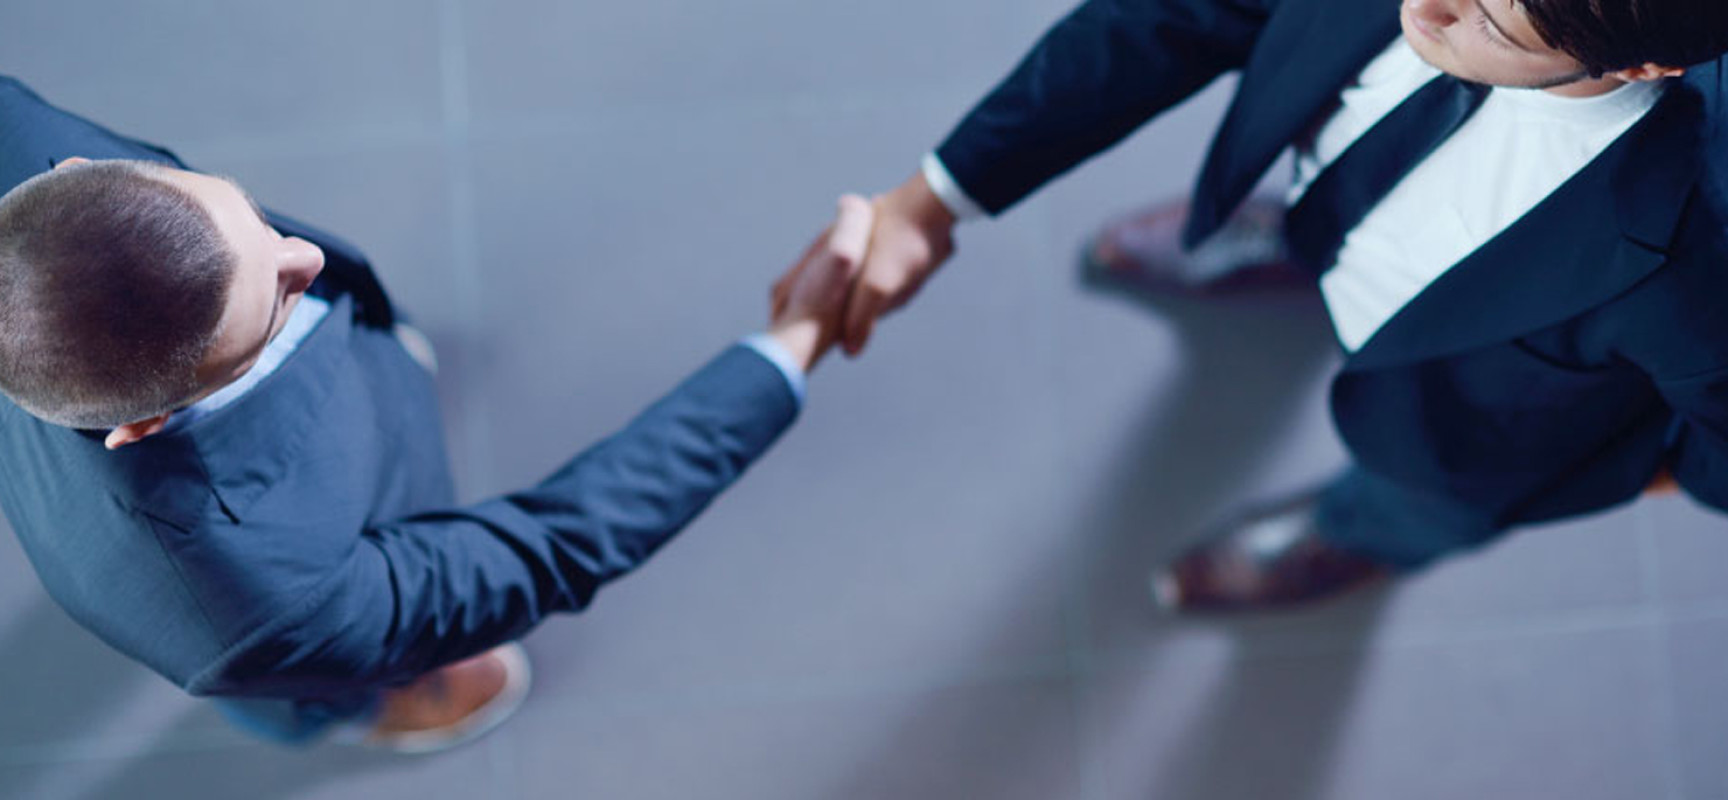 Чем отличаются договорные отношения трудового и гражданско-правового характера